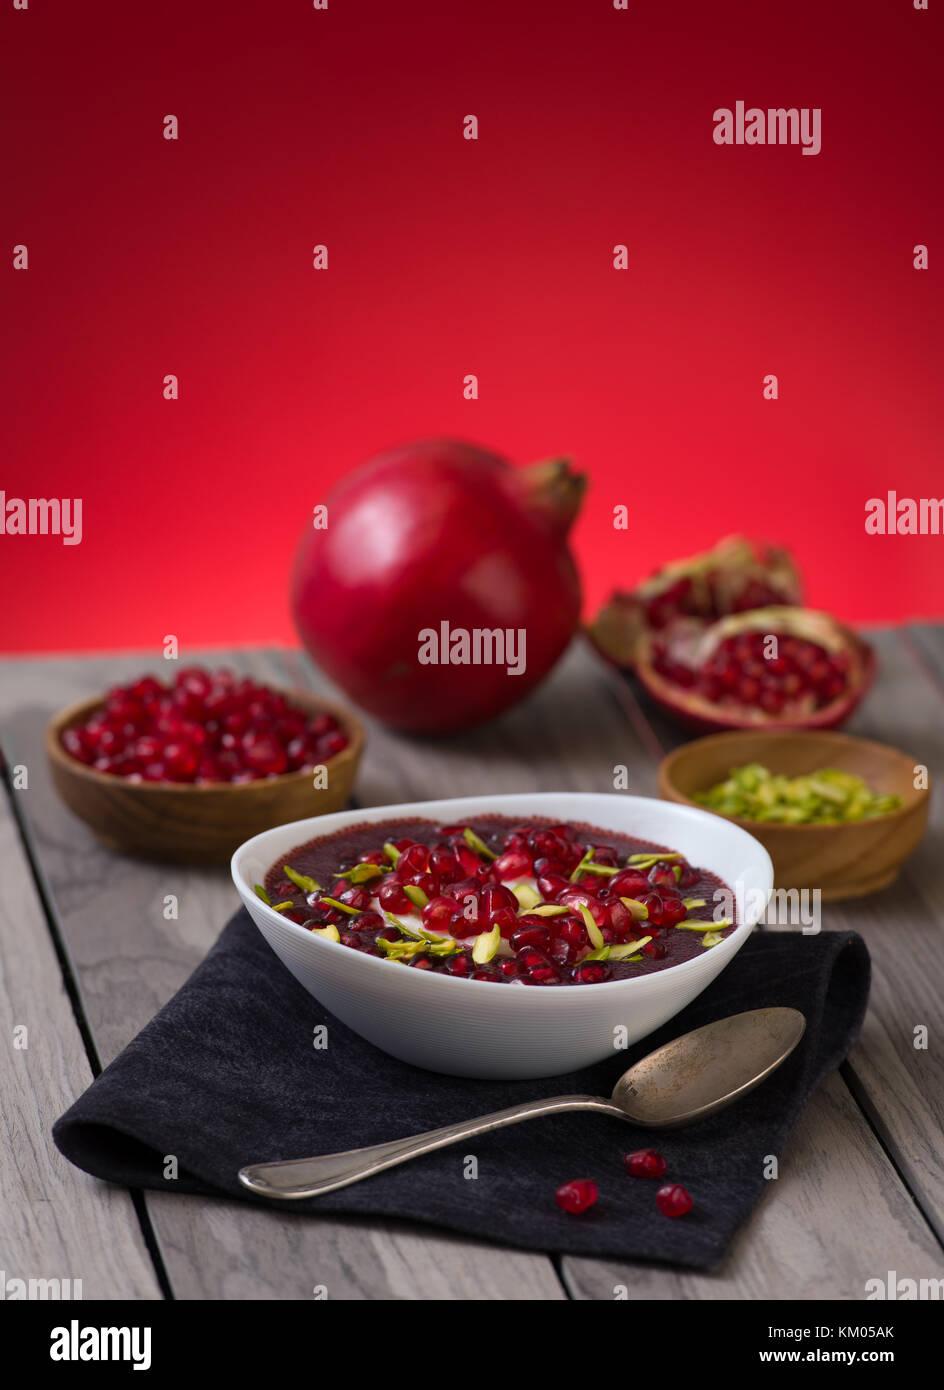 Deserto di melograno con pistacchi, Chia seme, budino di tapioca e yogurt. Il mangiare sano. rosso spazio copia. Immagini Stock